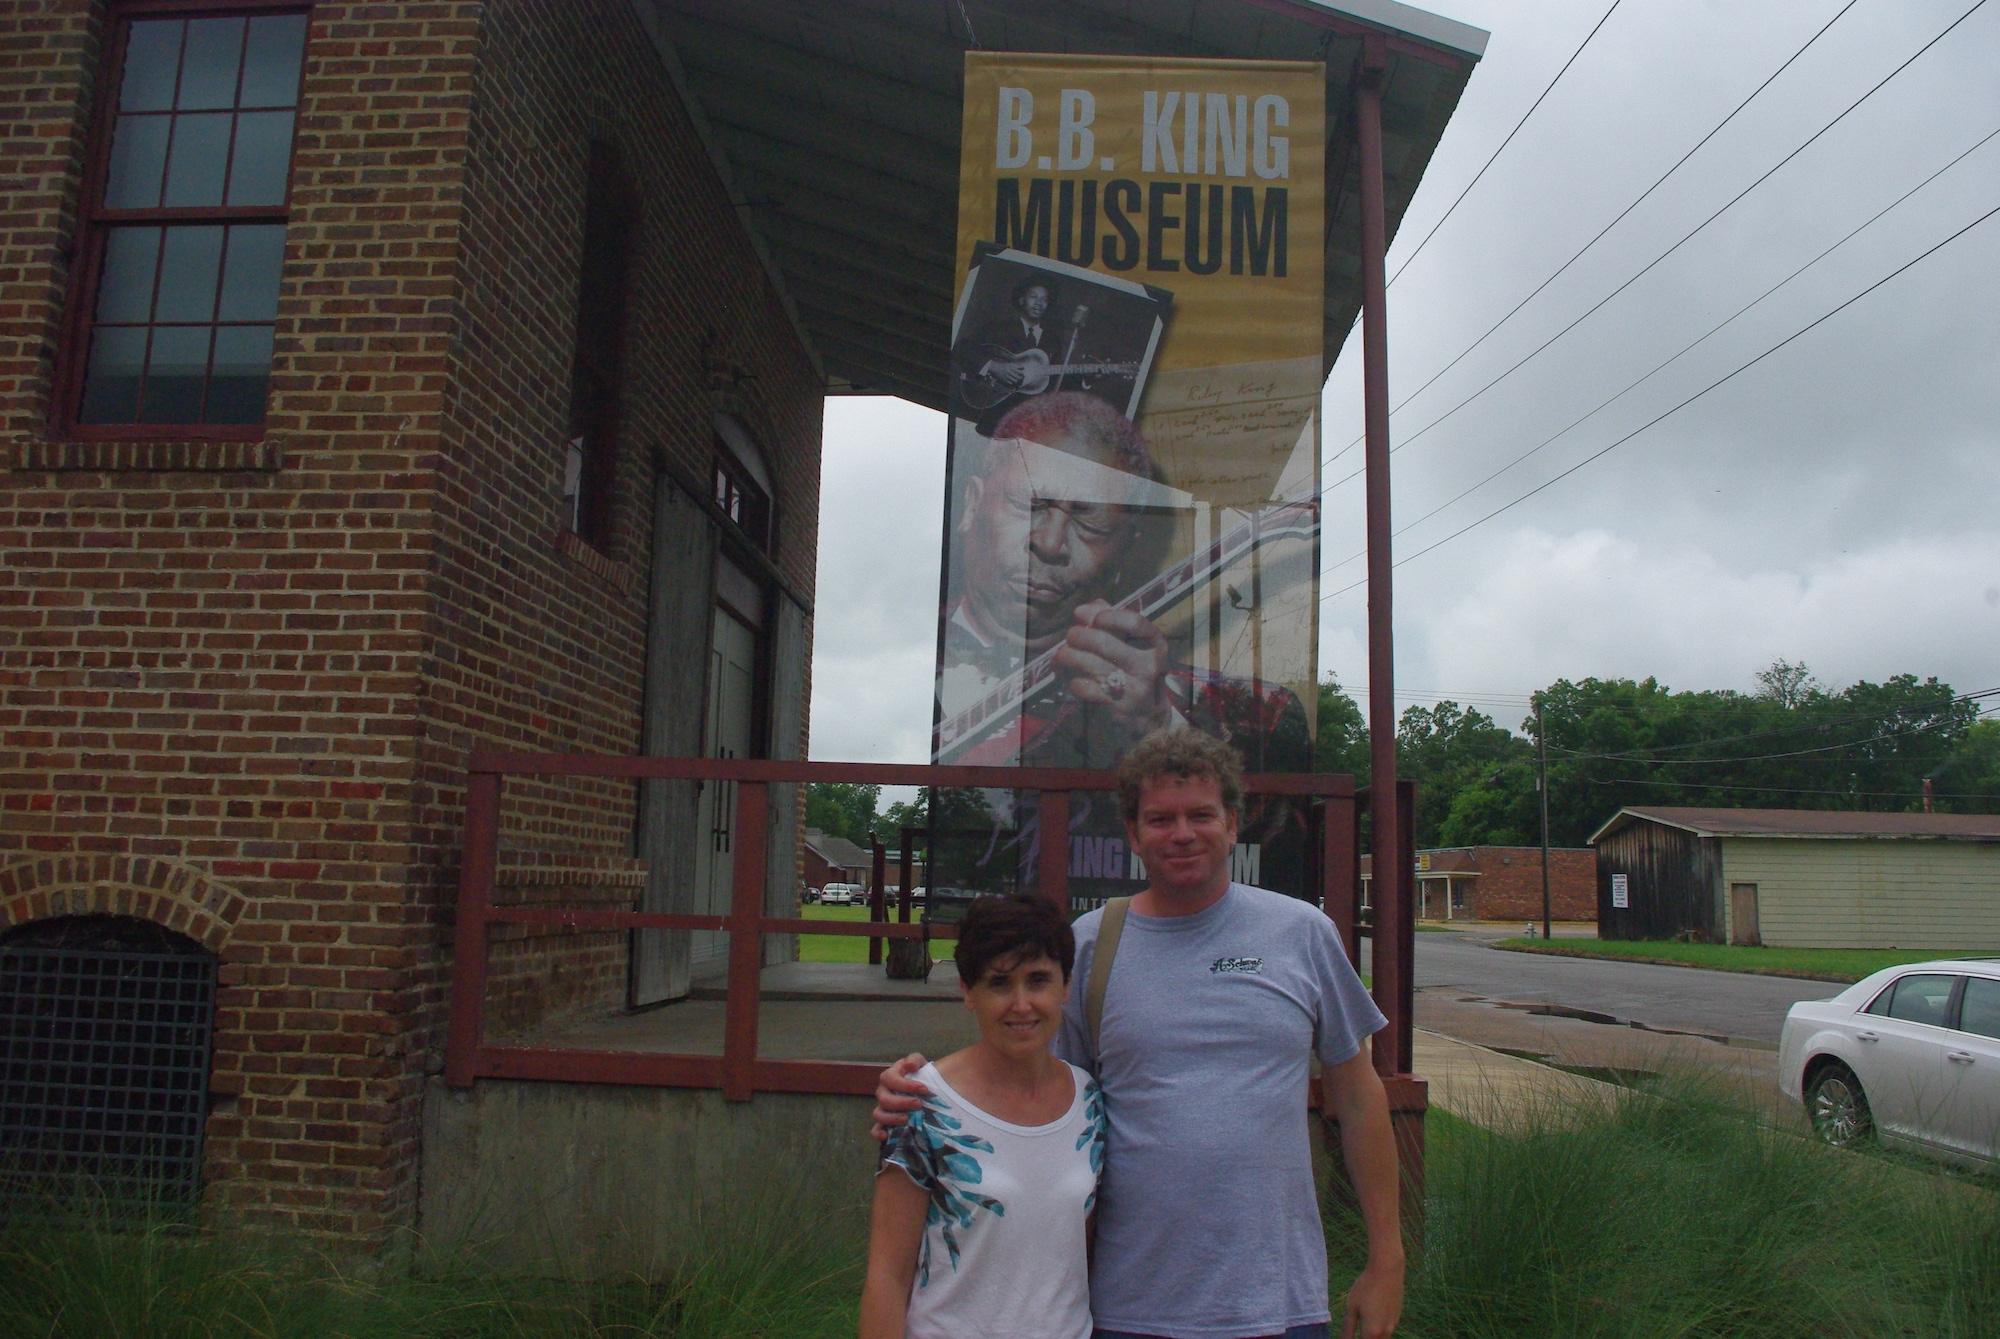 Devant le musée de BB King à Indianola